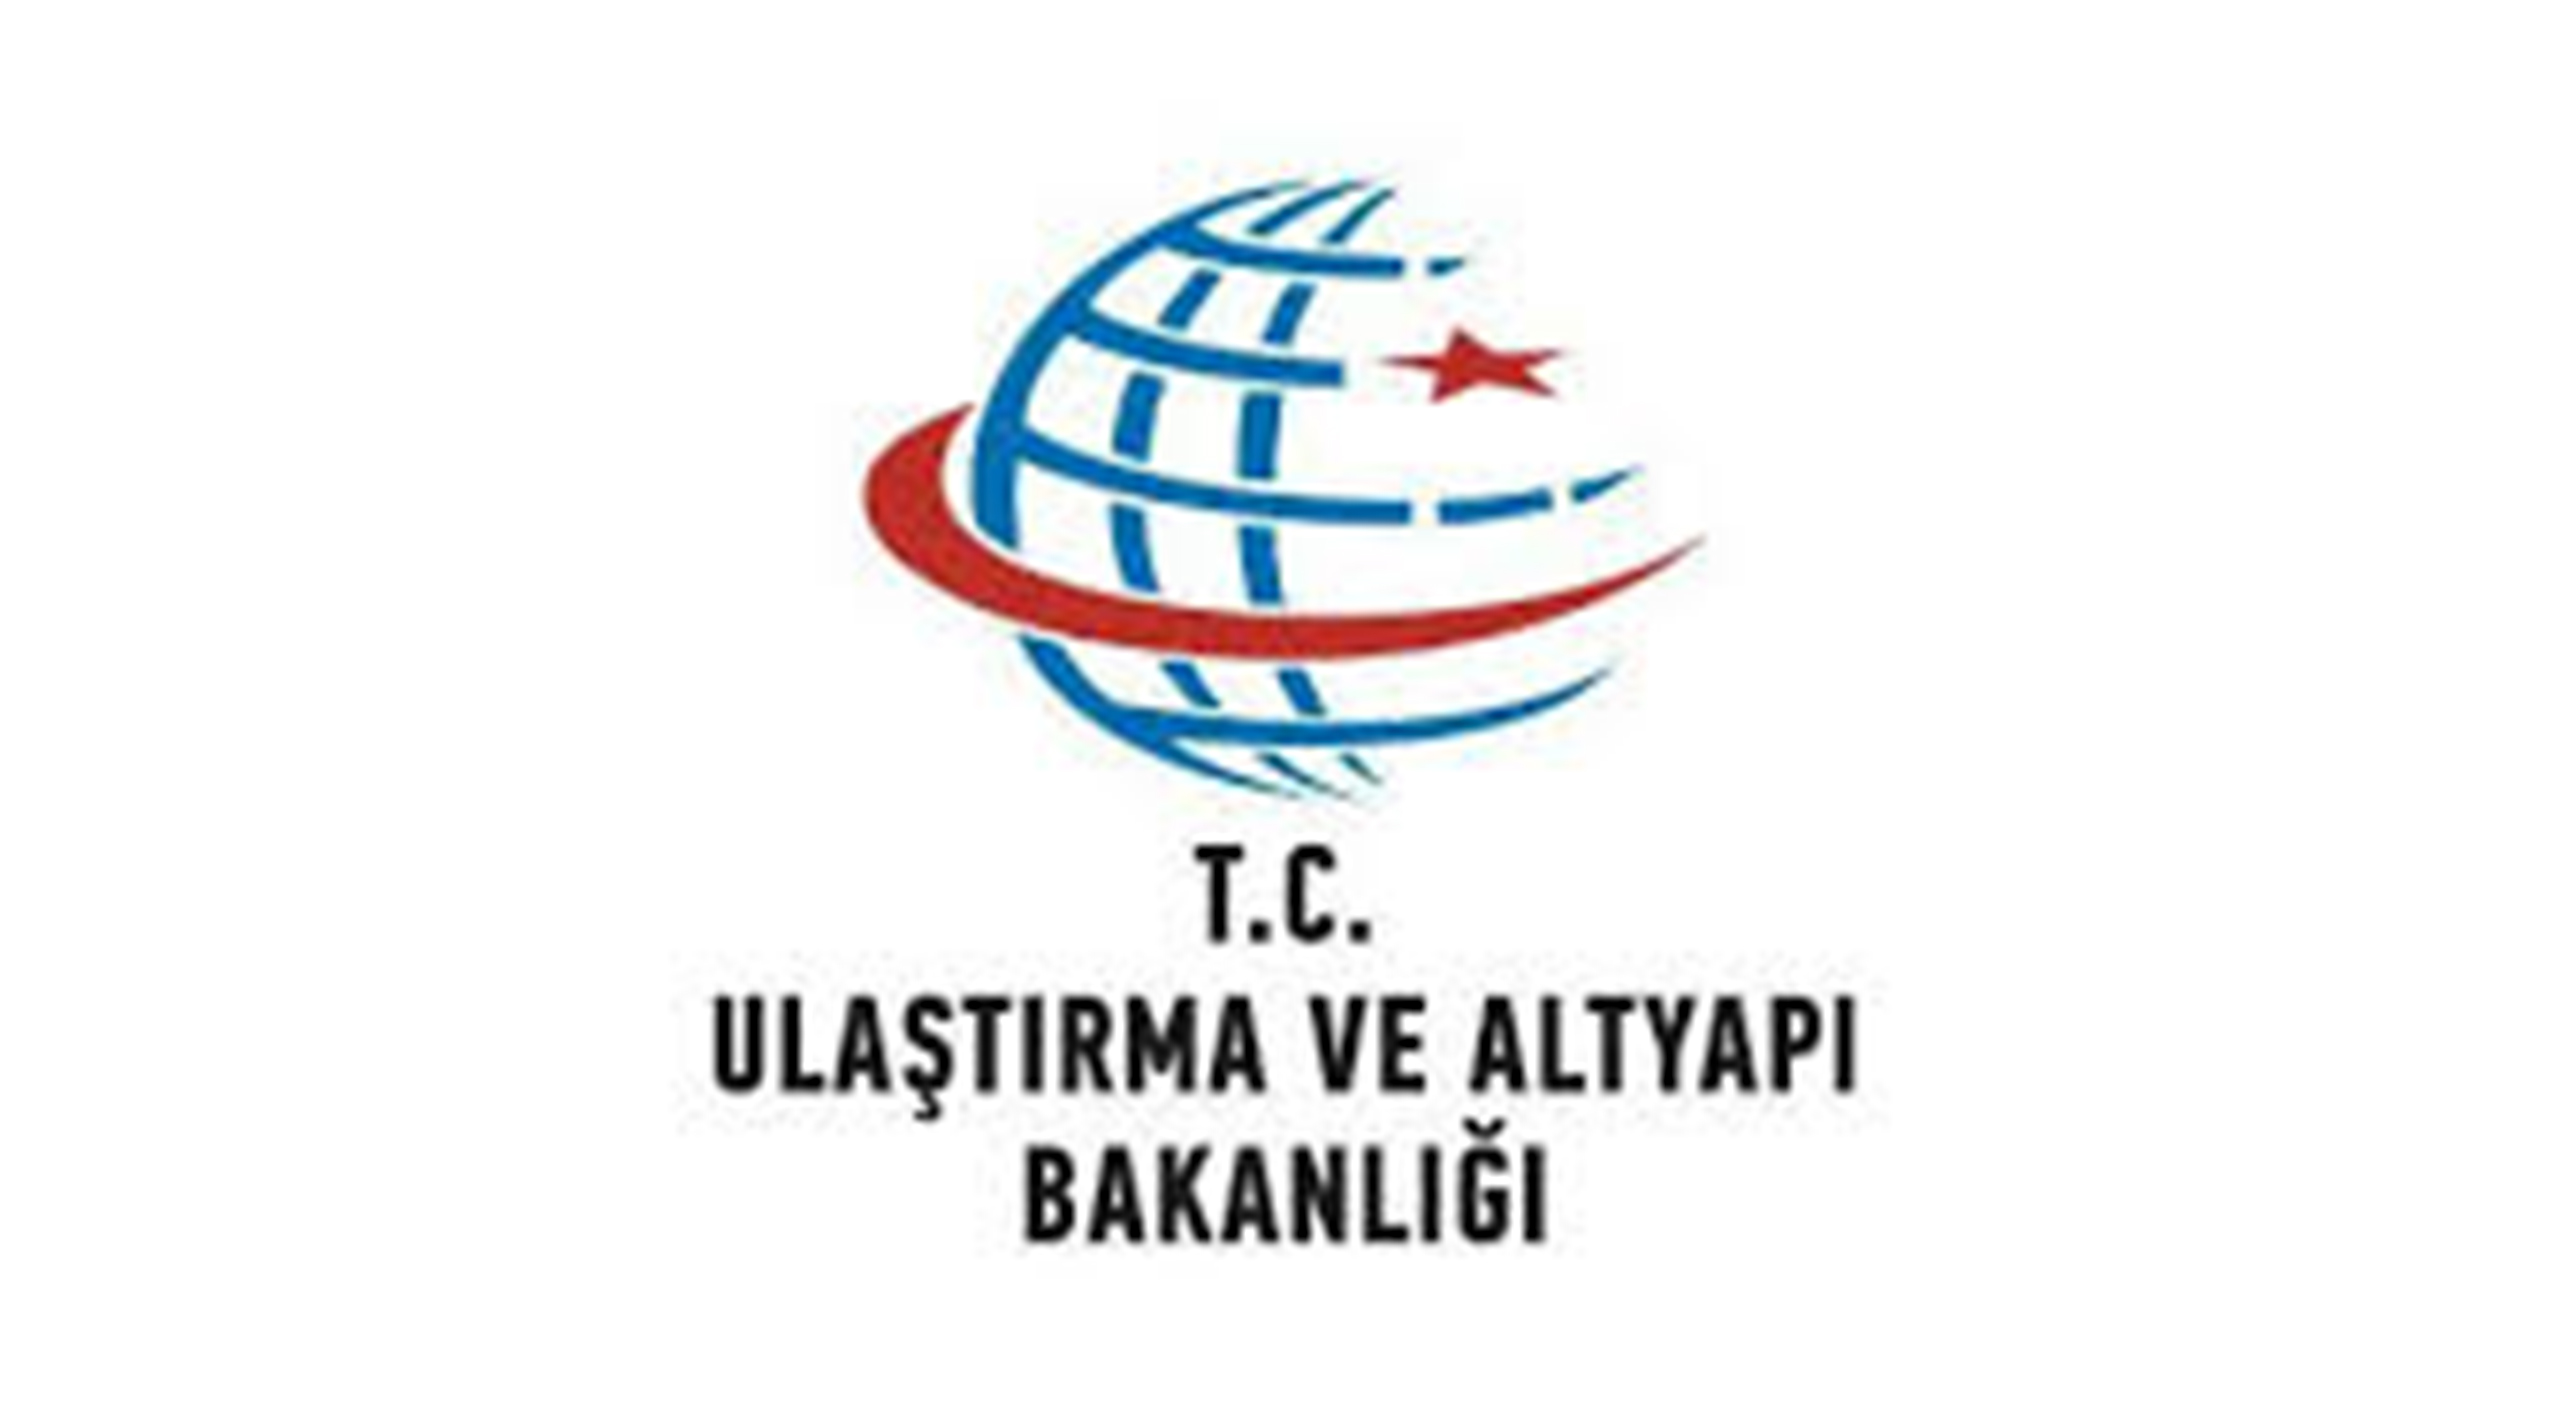 Bakanlıktan flaş 'Atlasglobal' açıklaması